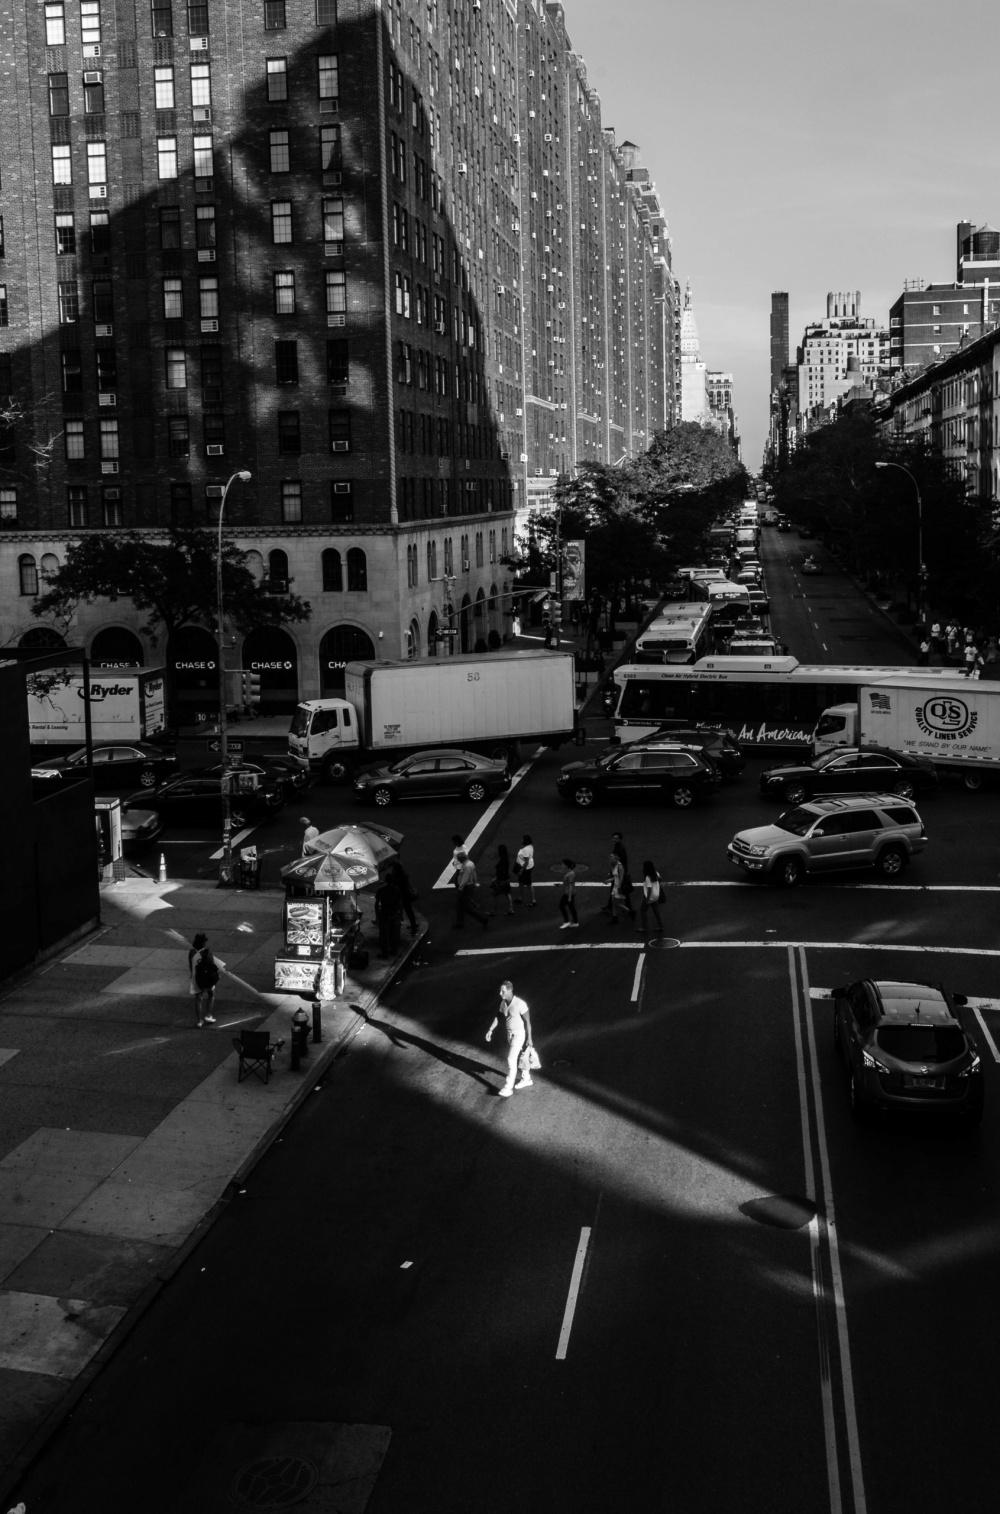 Philip Desjardins, CROSSINGS, NYC, 2015